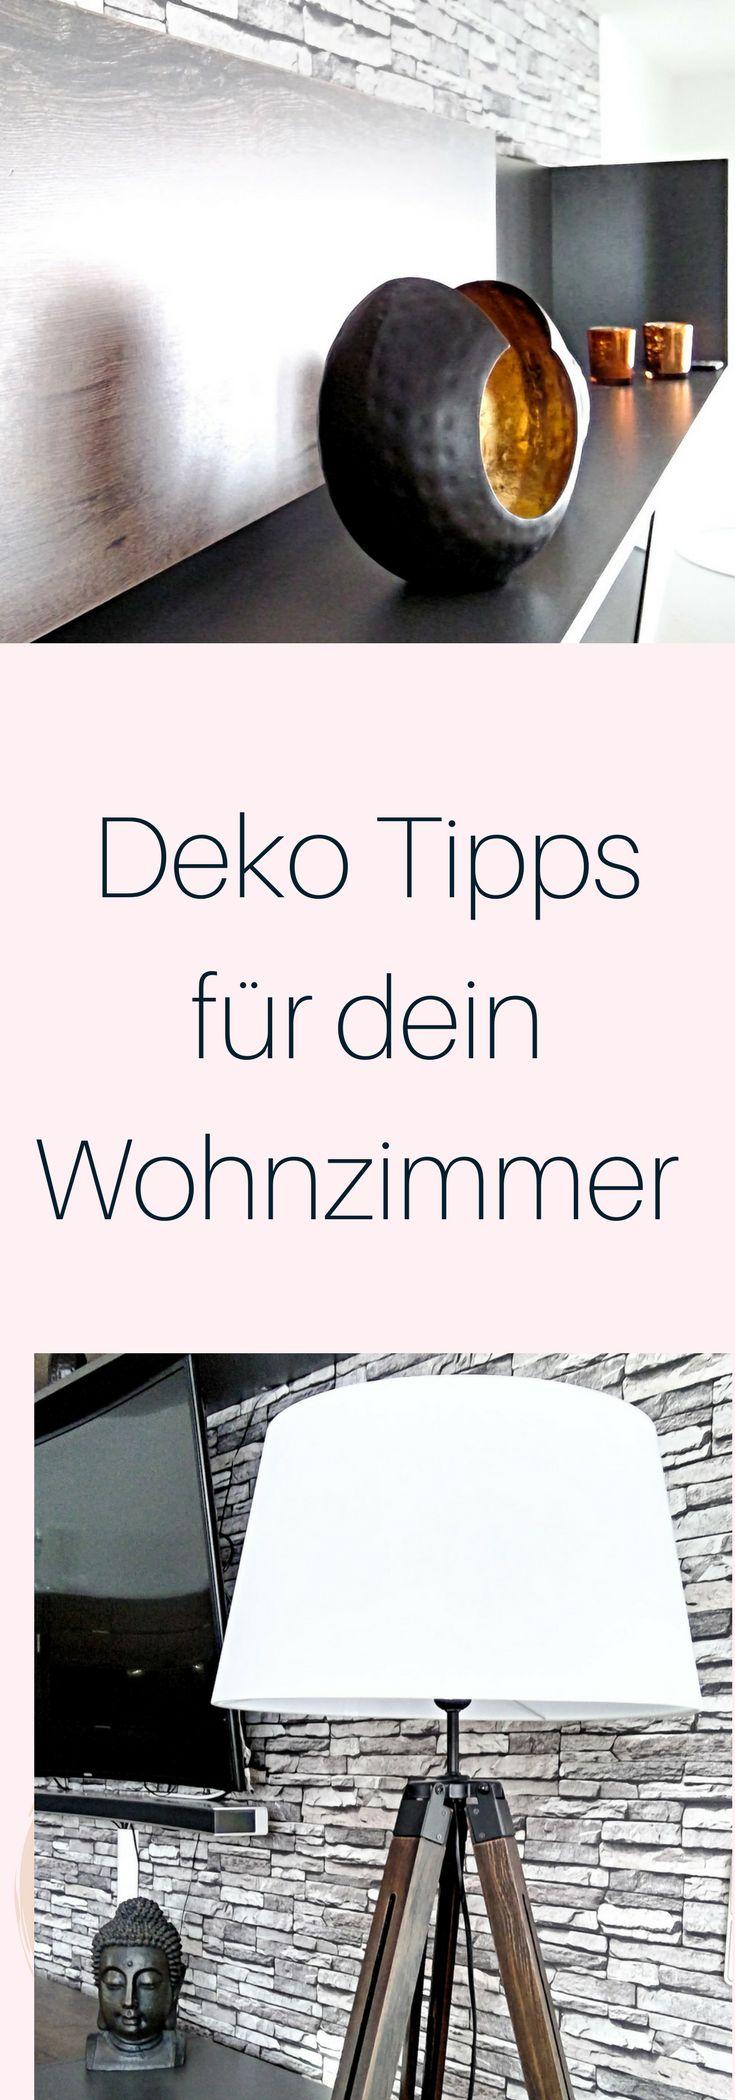 Deko Tipps für dein Wohnzimmer und wie du es kindgerecht einrichten kannst! #eltern #familie #mama #lifestyle #blogger